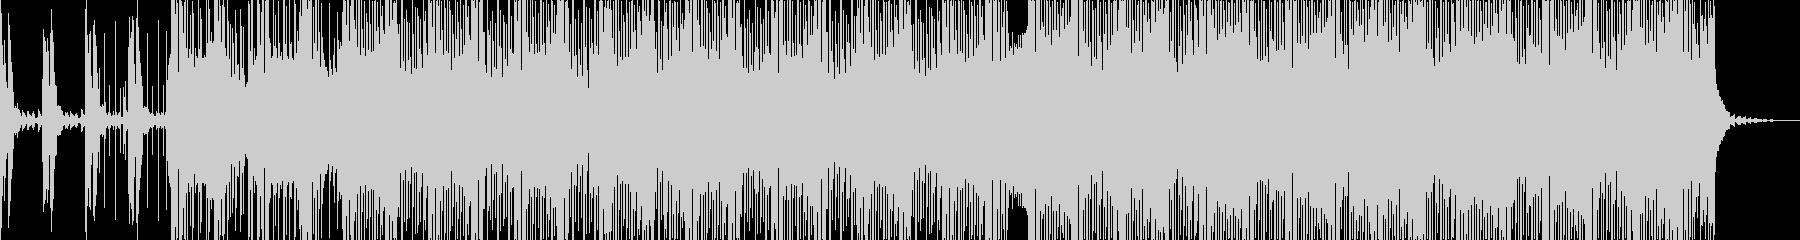 シンプルなディスコミュージックの未再生の波形